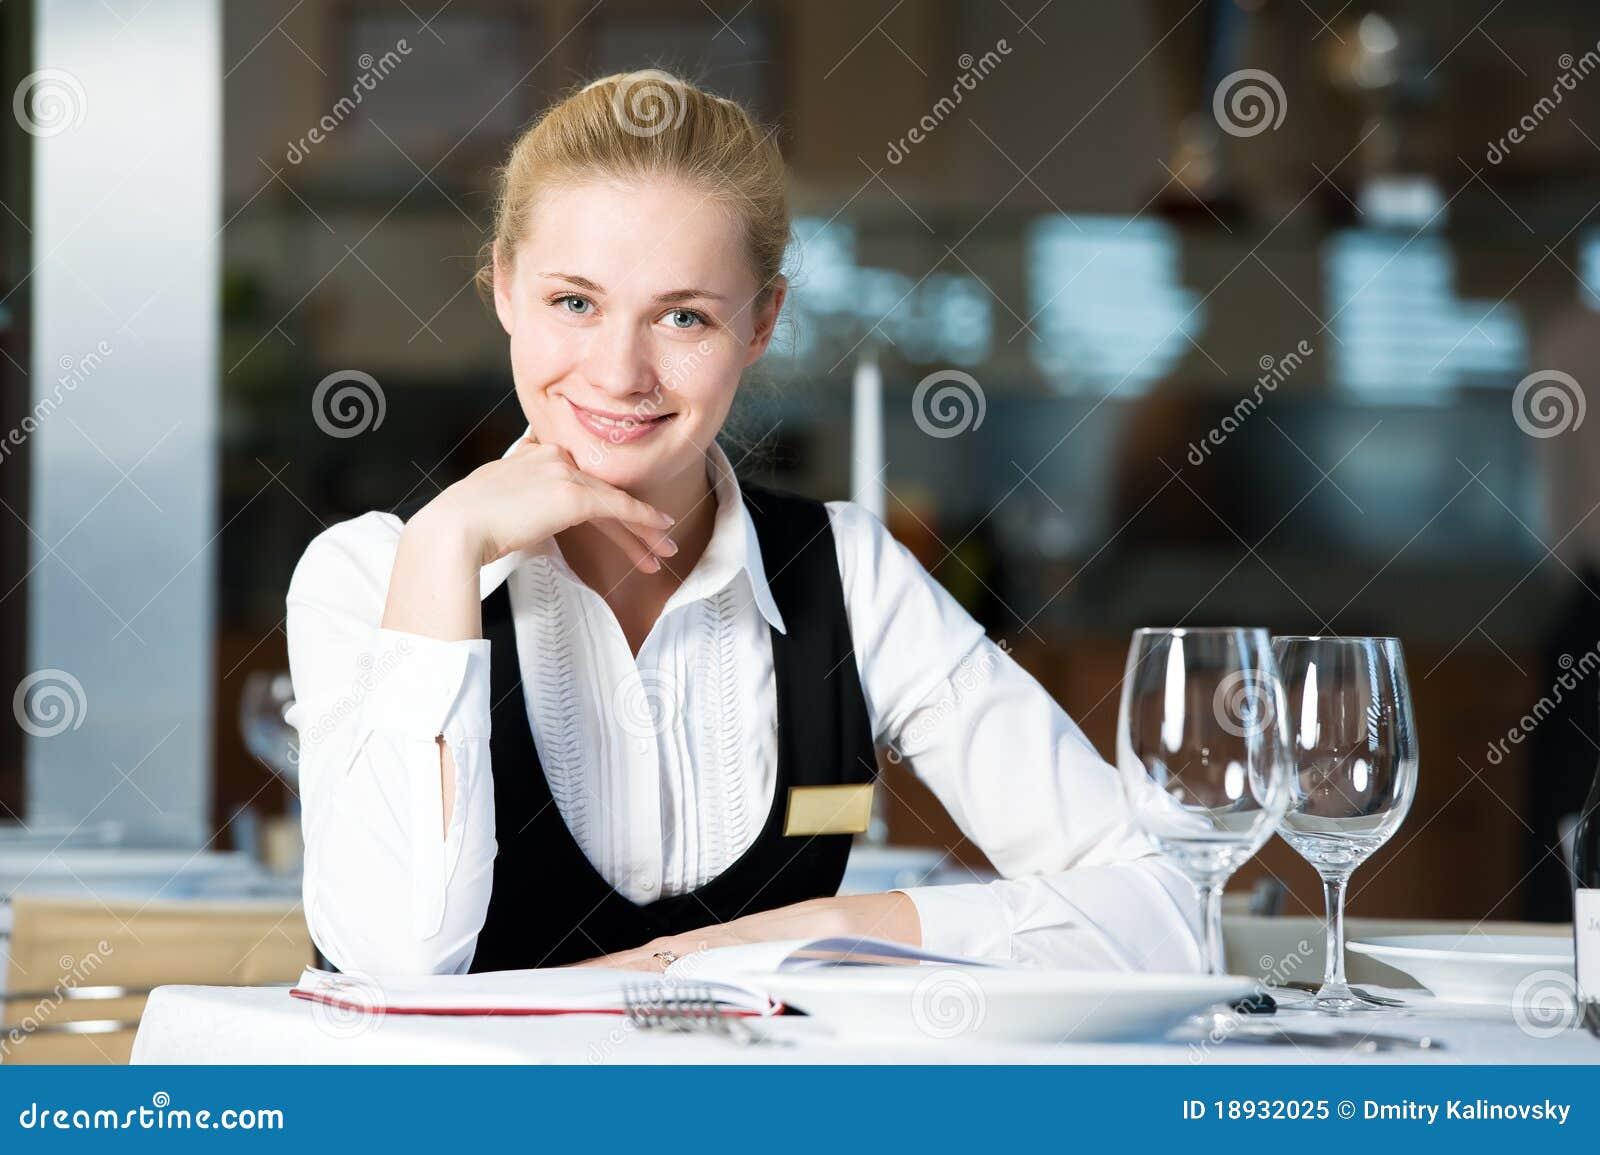 Дакайн отводит официант на утро вакансии волокна